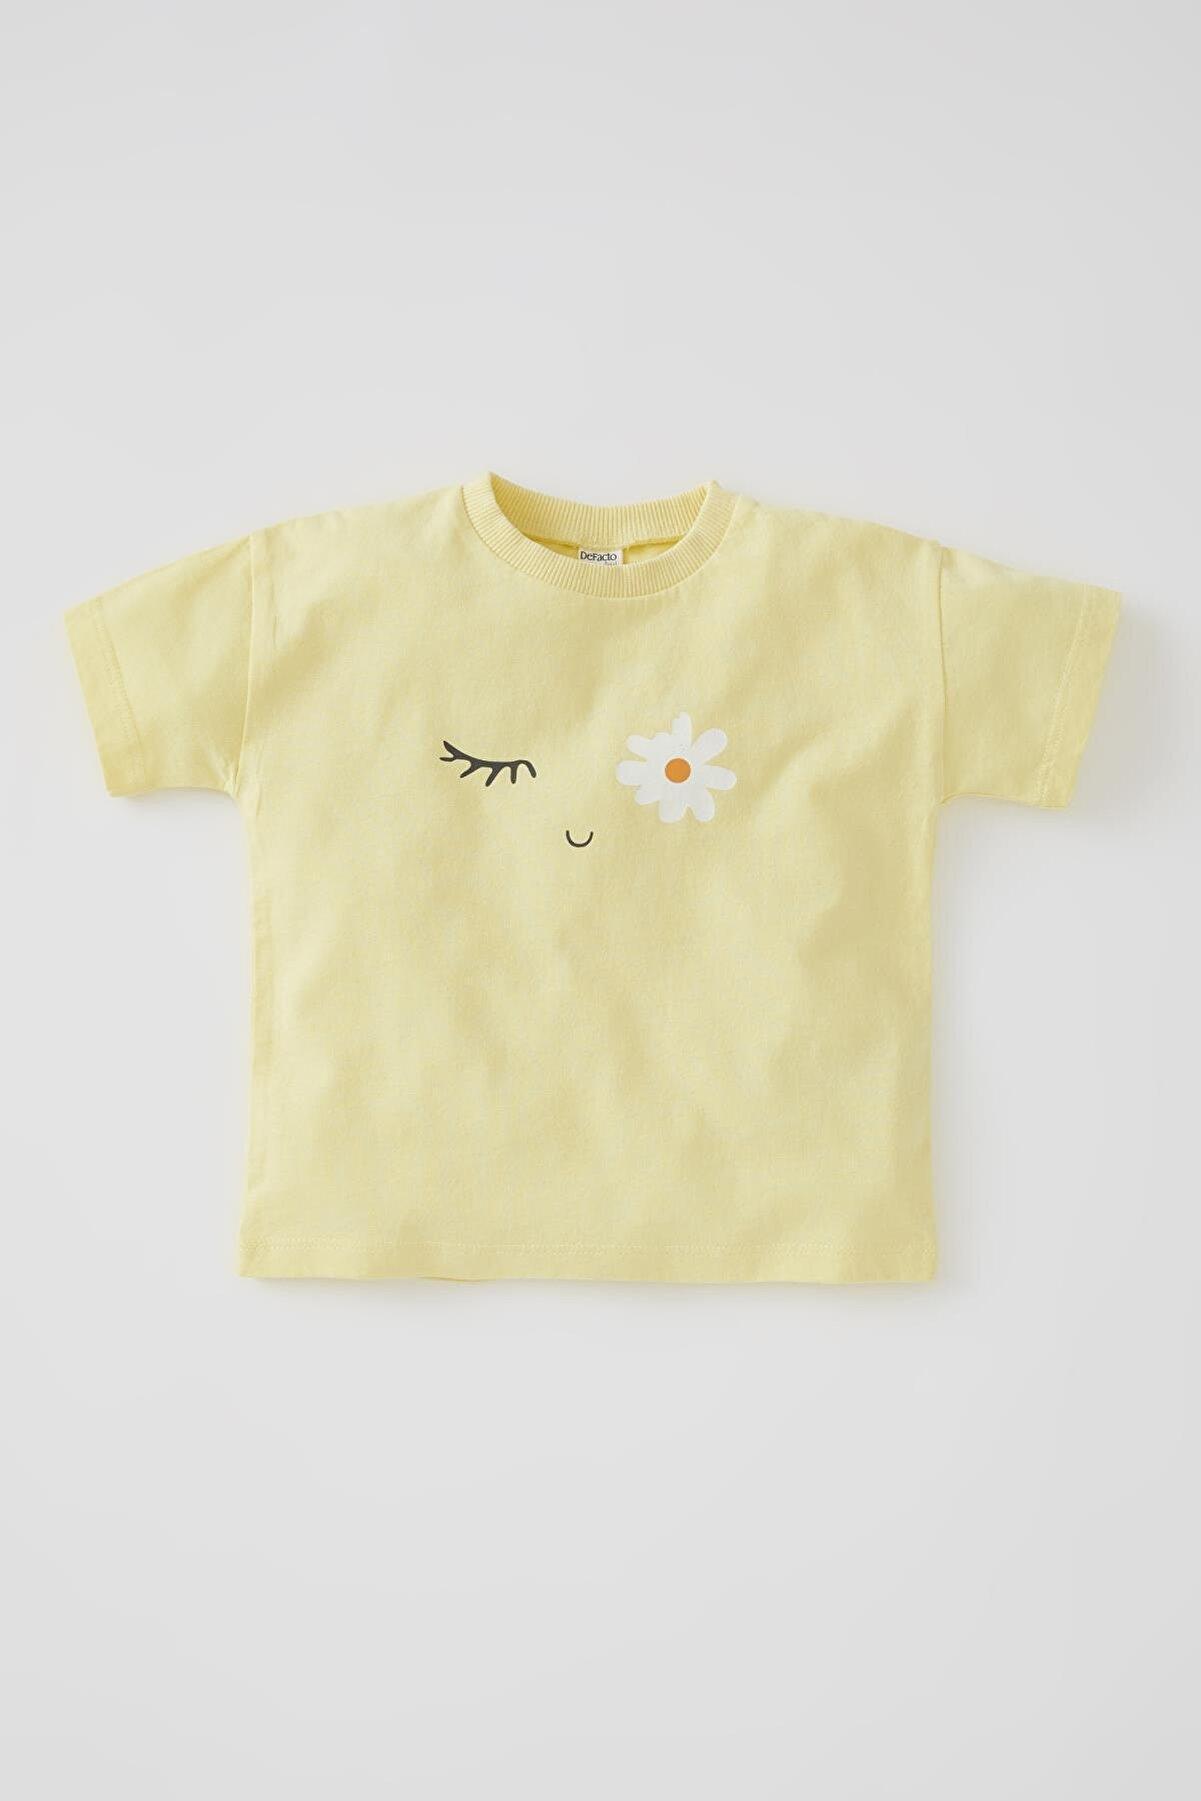 Defacto Kız Bebek Papatya Baskılı Kısa Kollu Pamuklu Tişört